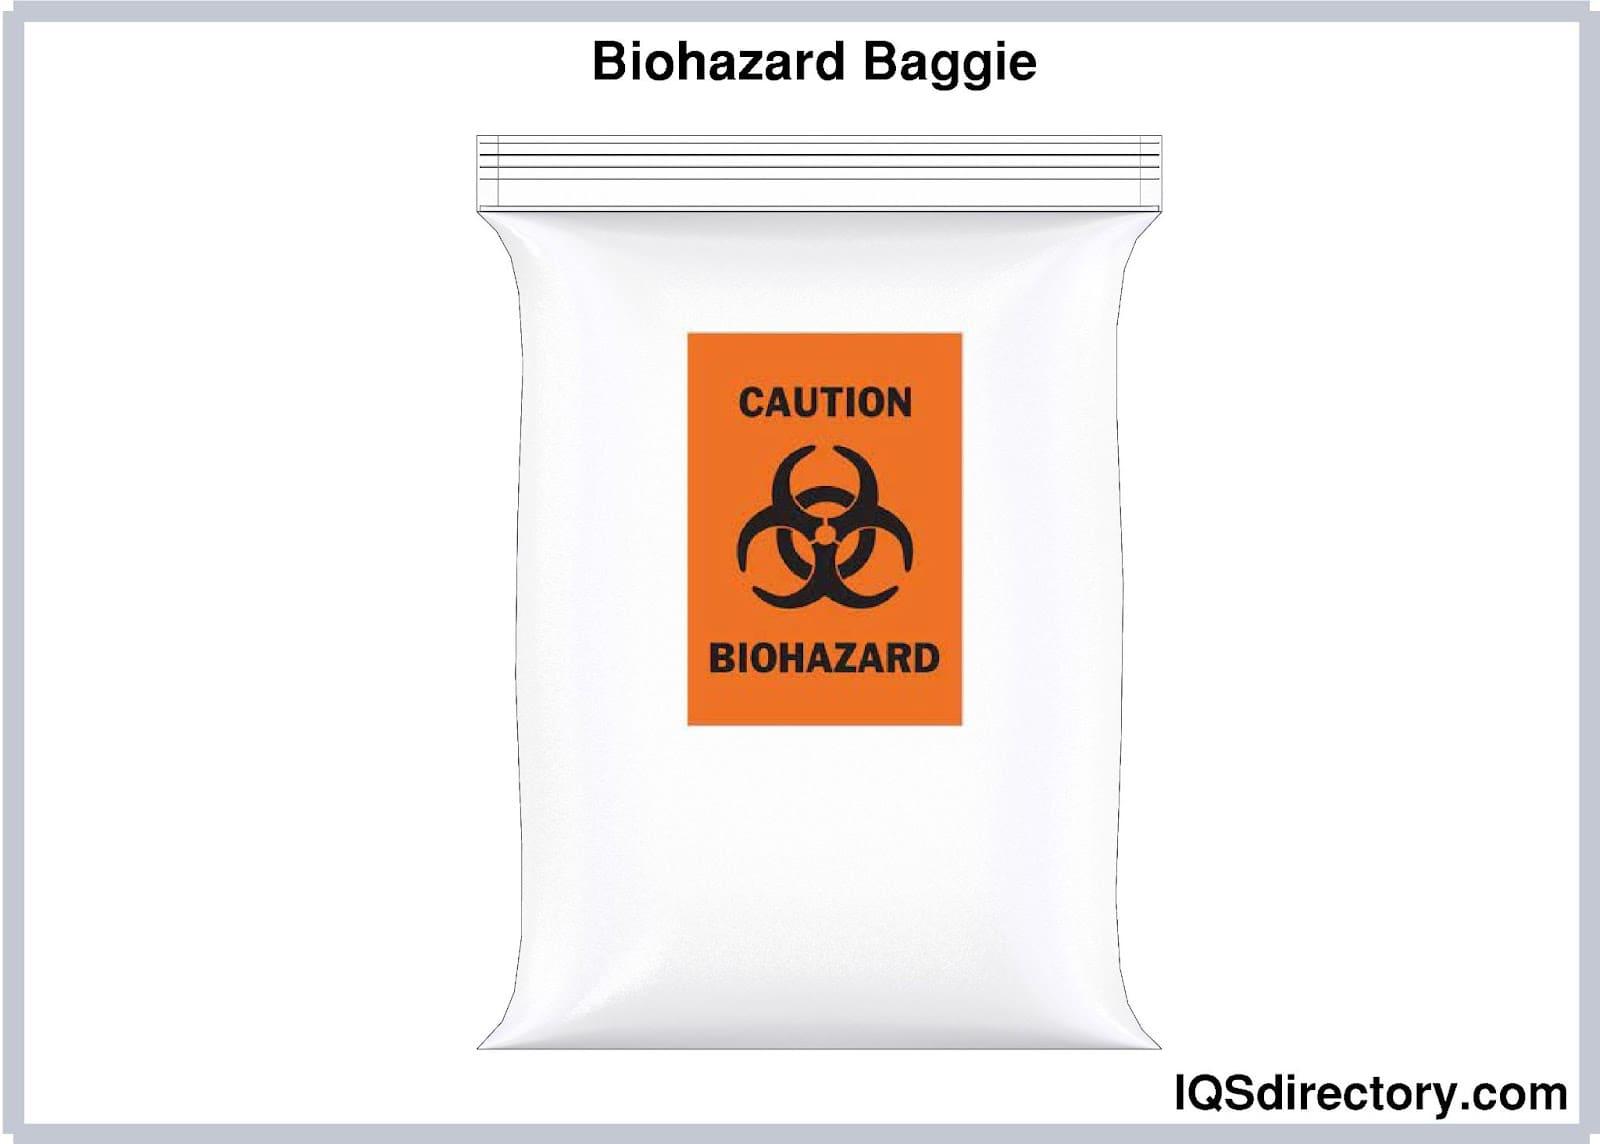 Biohazard Baggie